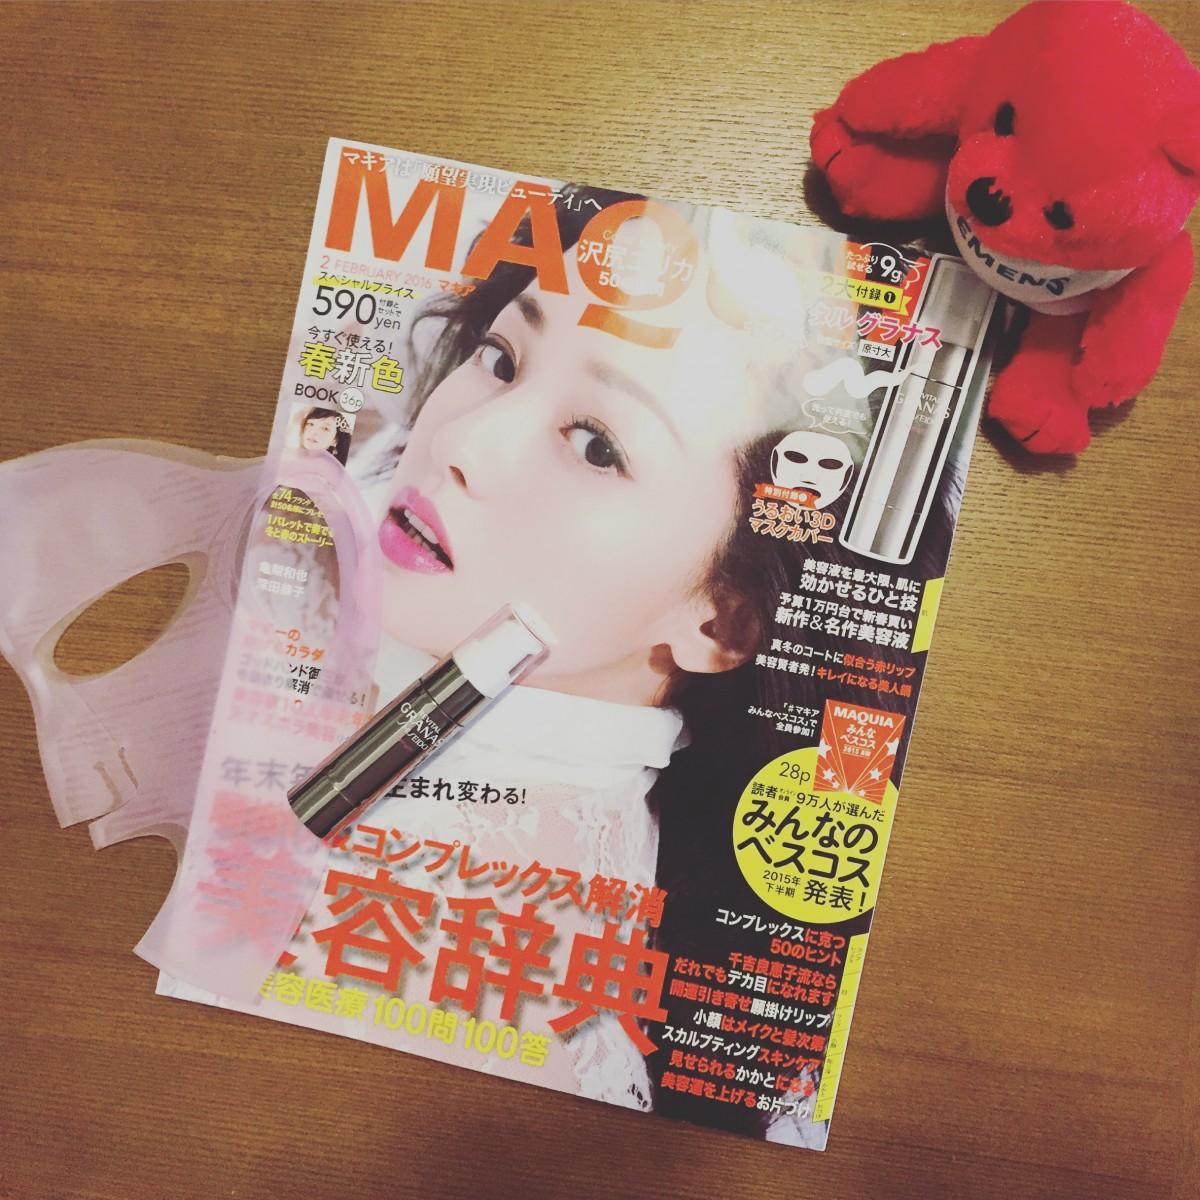 年末年始のお供に☆MAQUIA2月号で2016年最新美容情報をチェック!